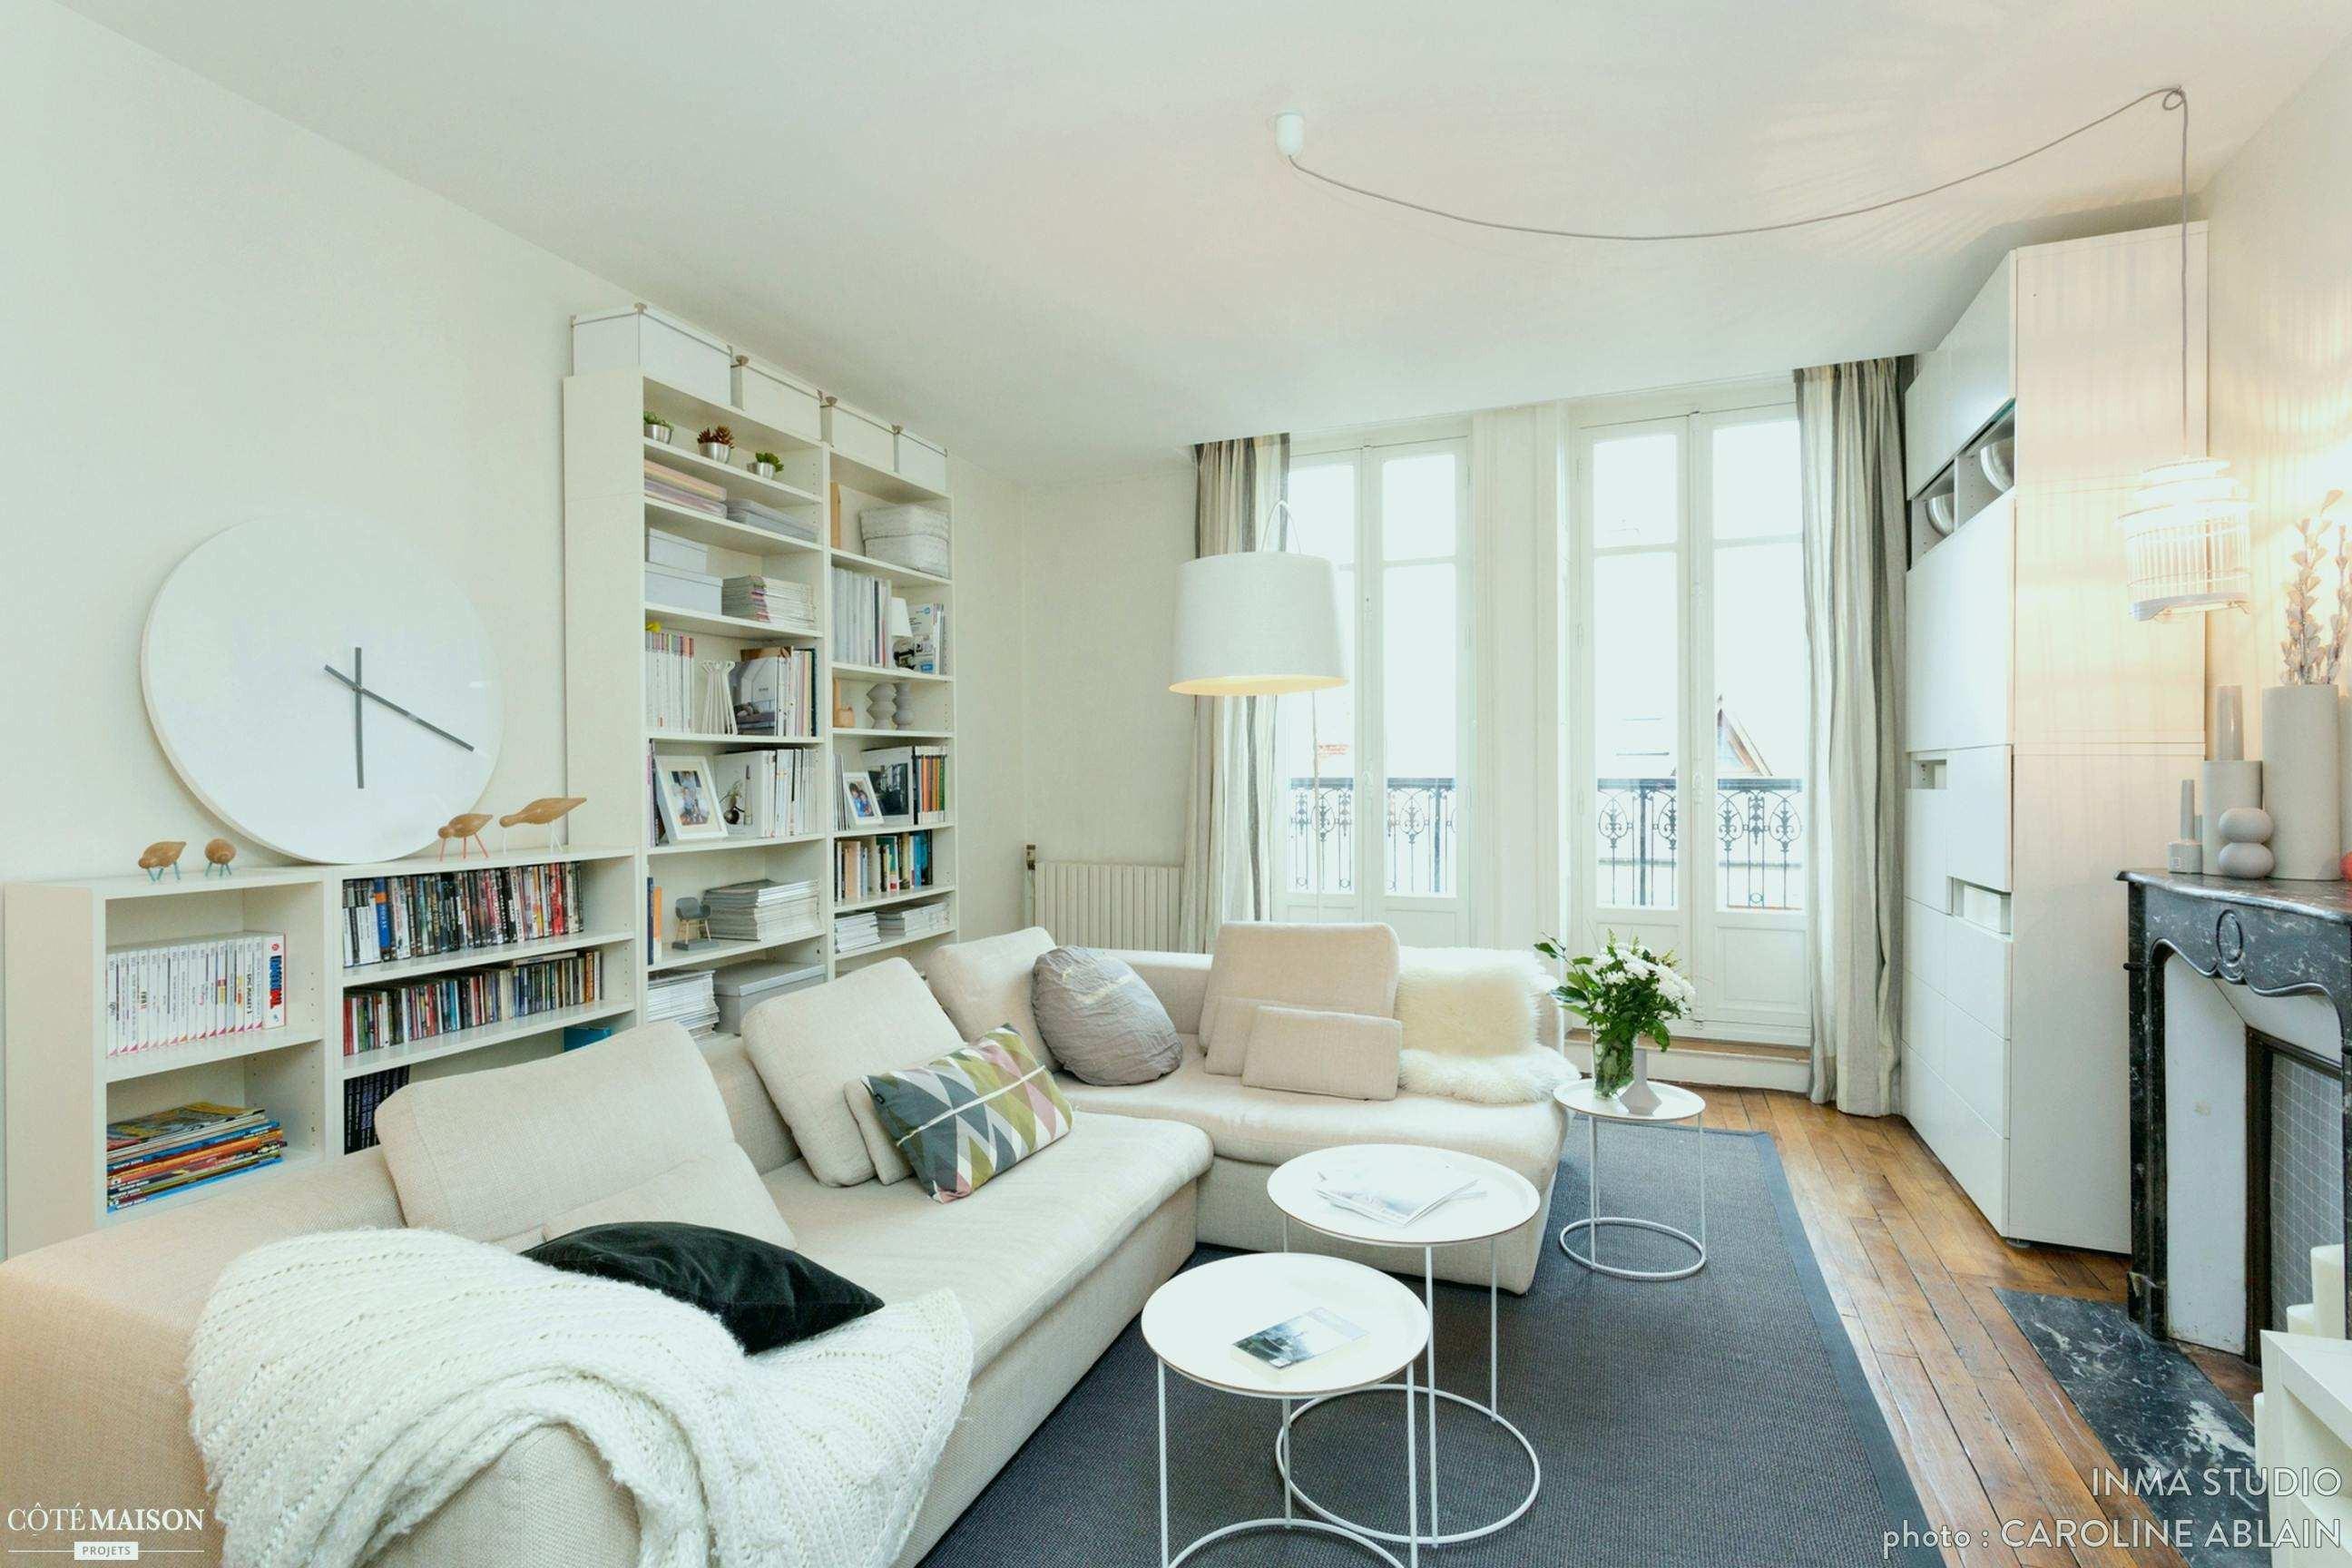 conseil en decoration interieur gratuit  design en image